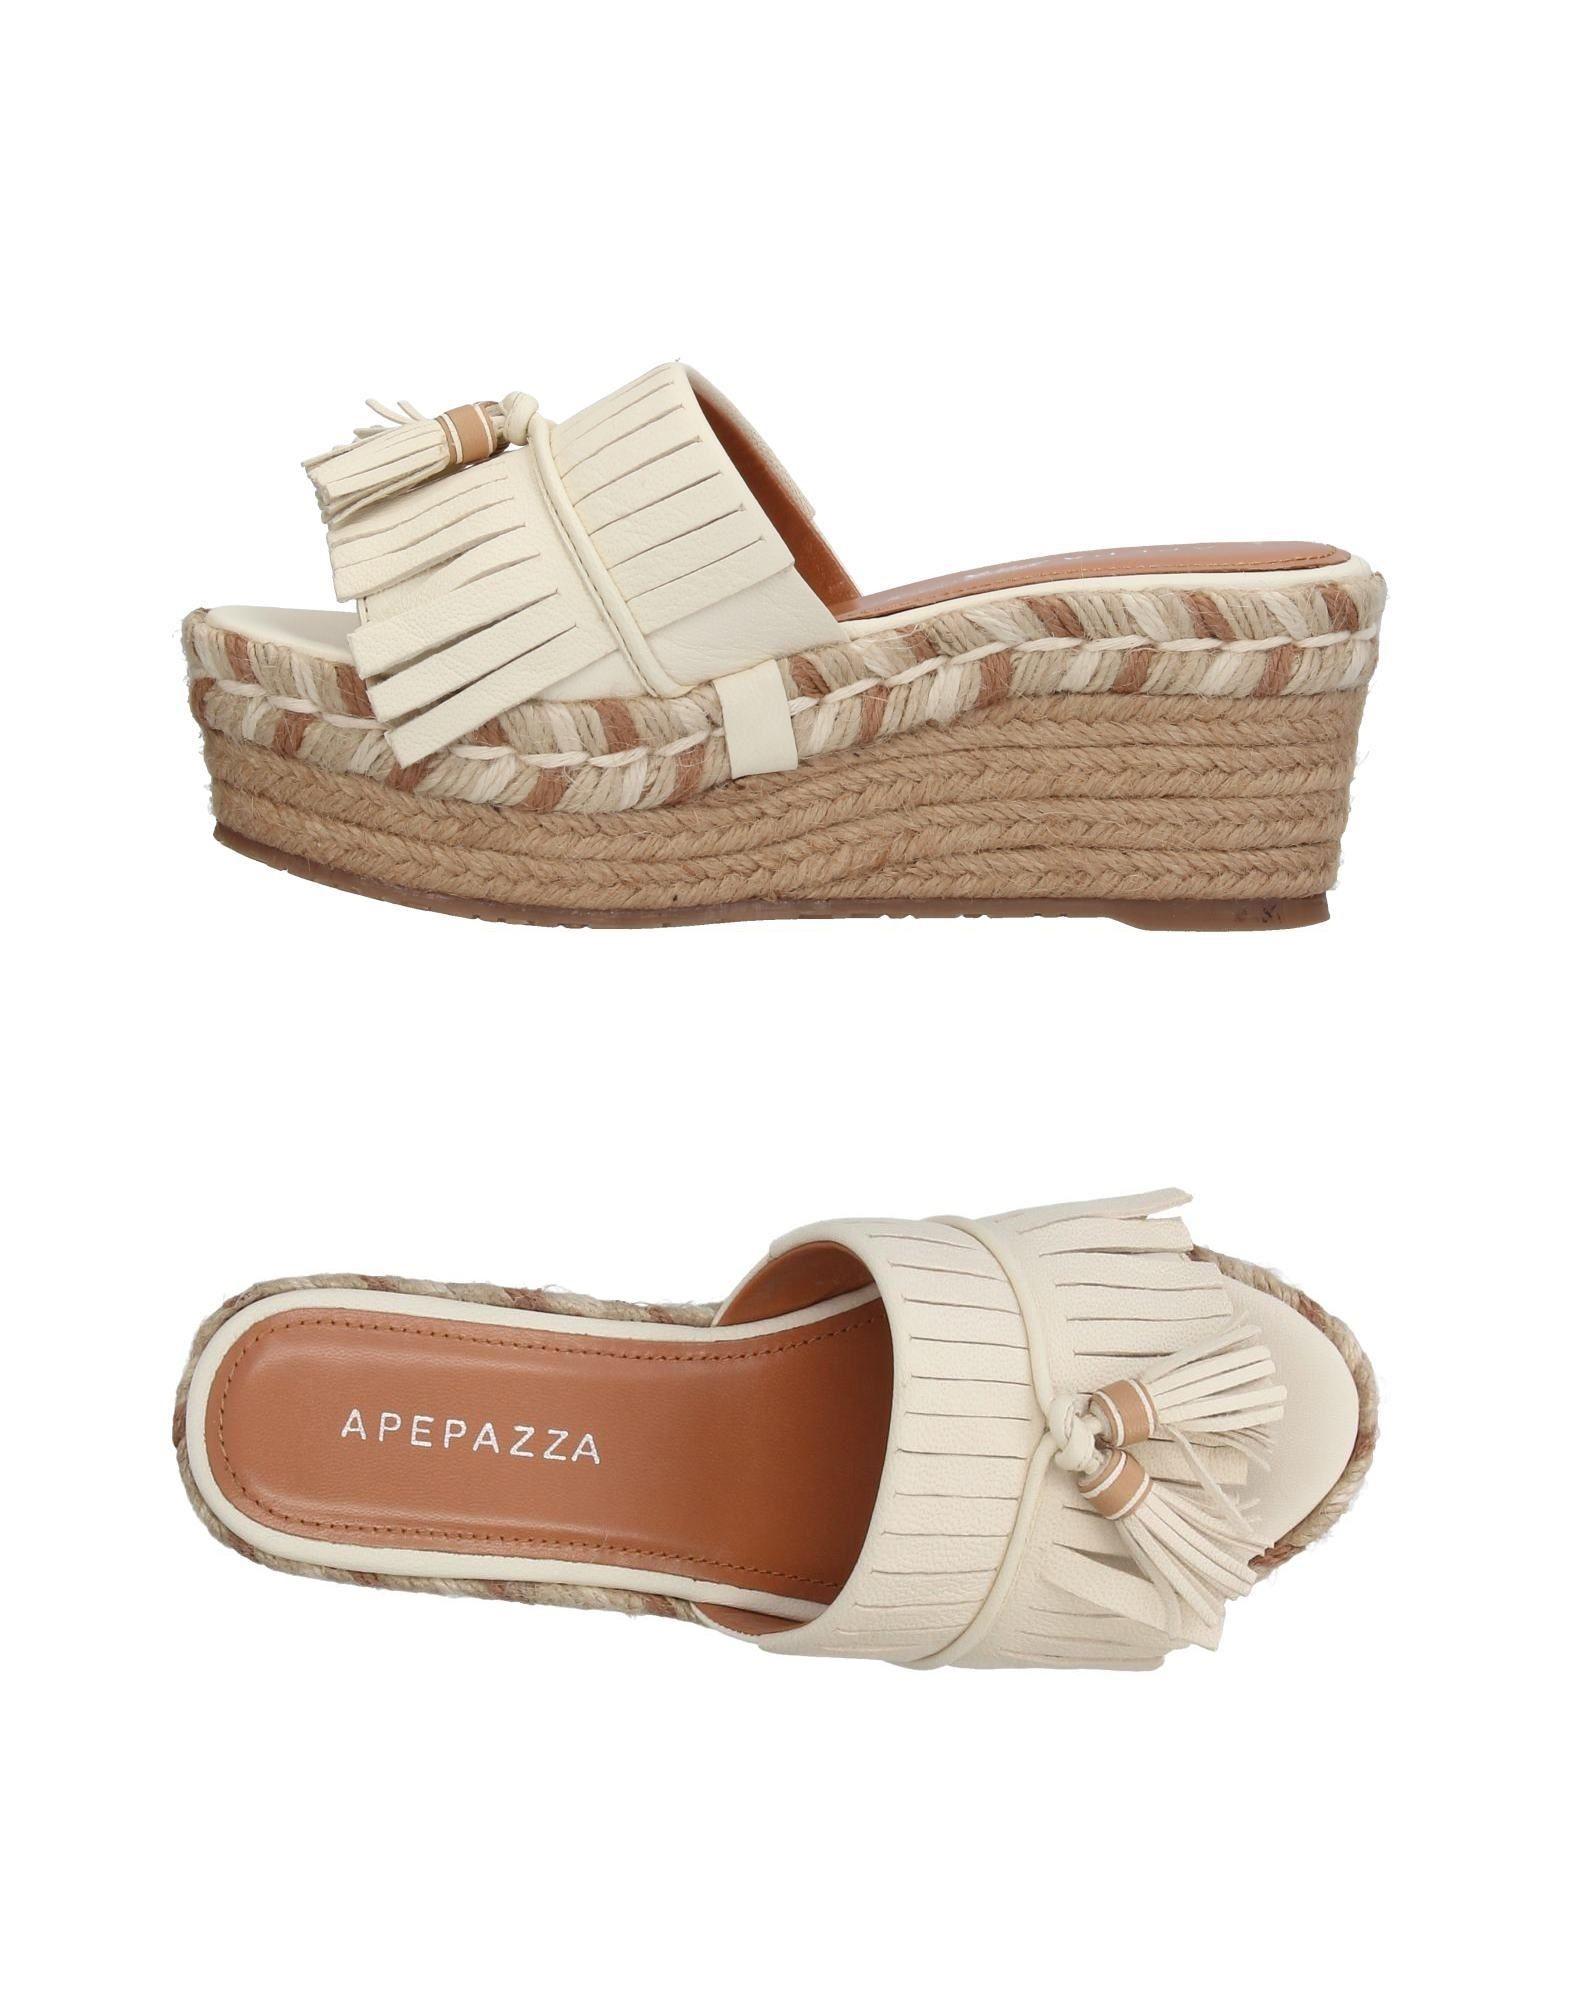 Apepazza Sandalen Damen  11386447RW Gute Qualität beliebte Schuhe Schuhe Schuhe 94418a